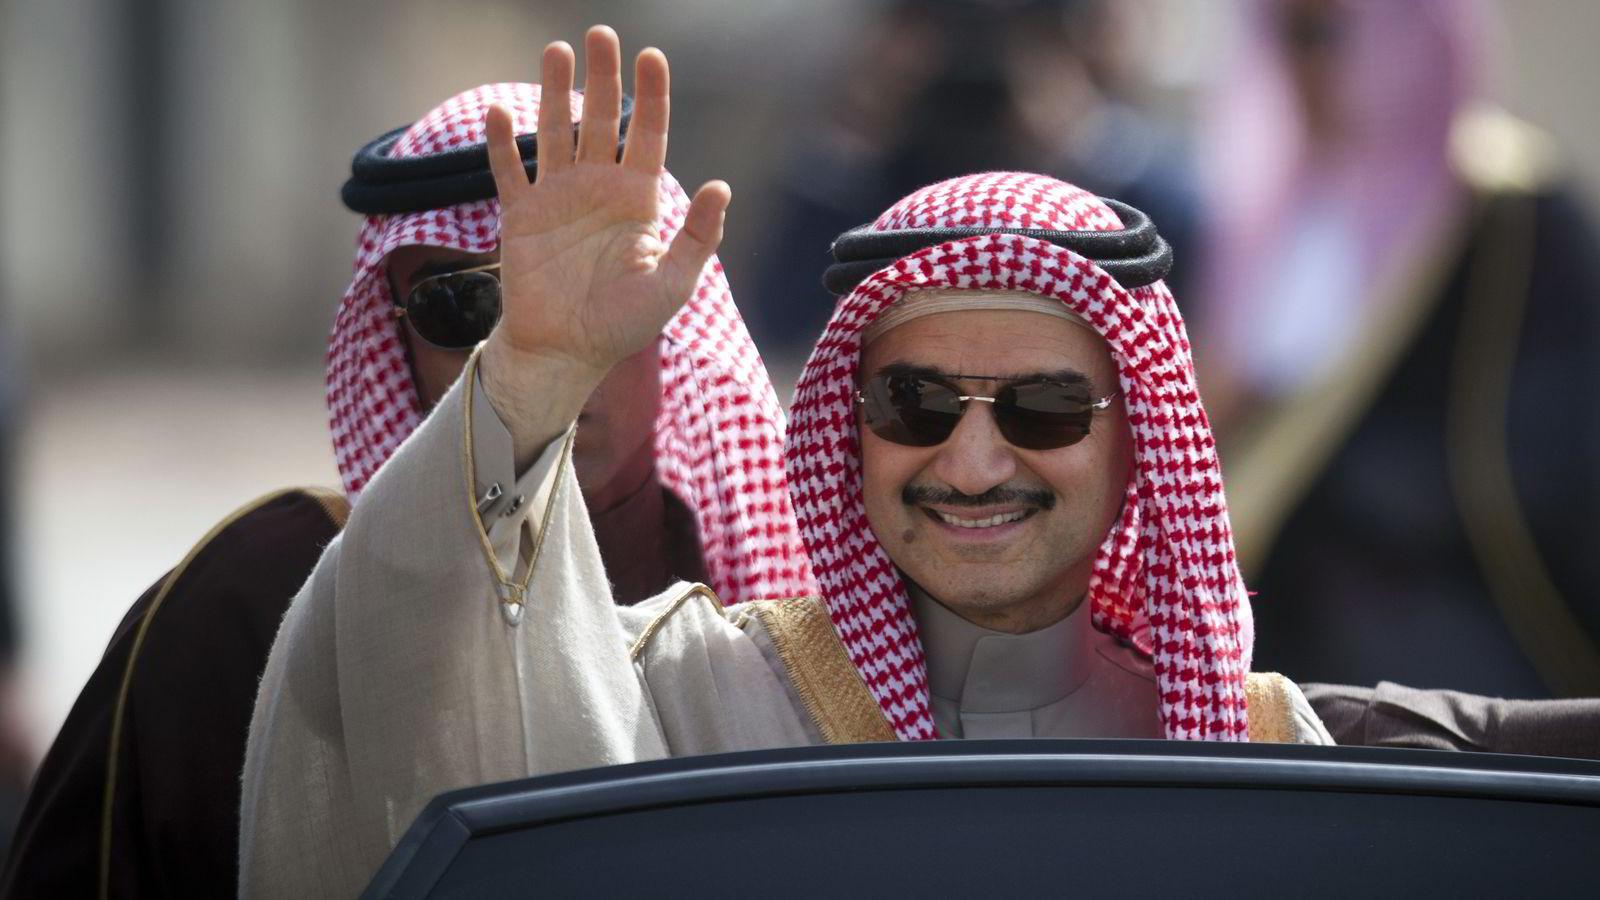 STOREIER: Den saudiarabiske prinsen Alwaleed bin Talal kontrollerer nå fem prosent av aksjene i Twitter. FOTO: